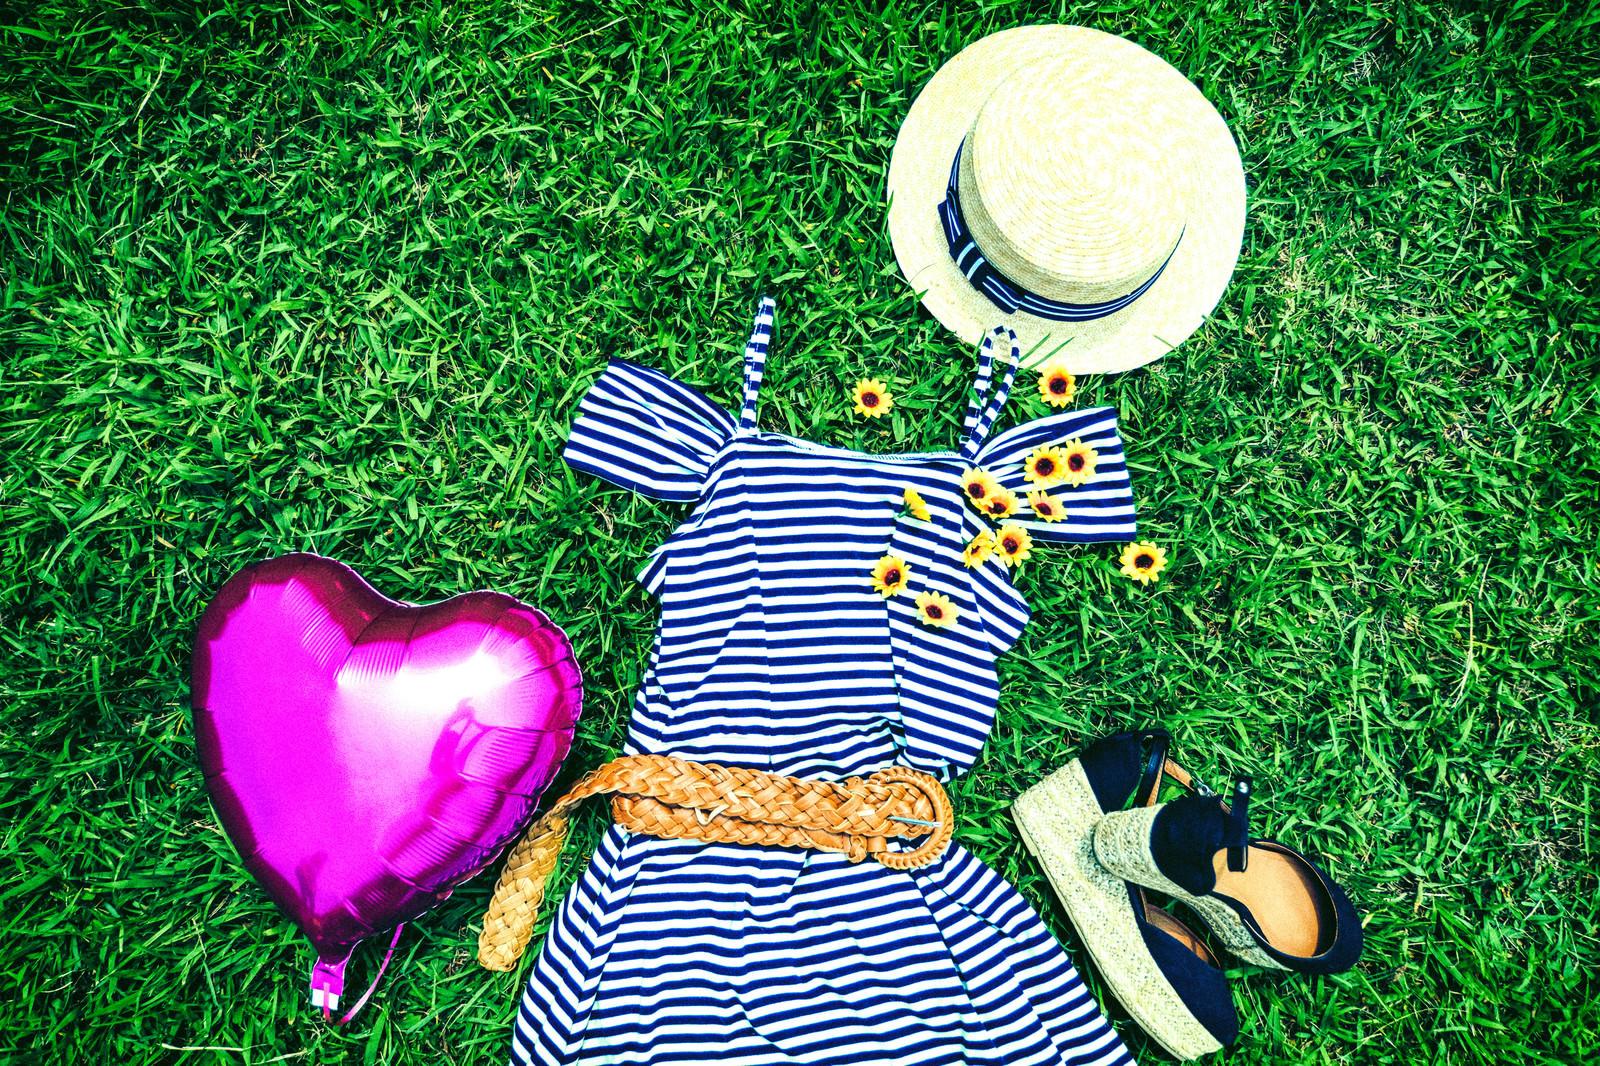 「ハートと夏服」の写真